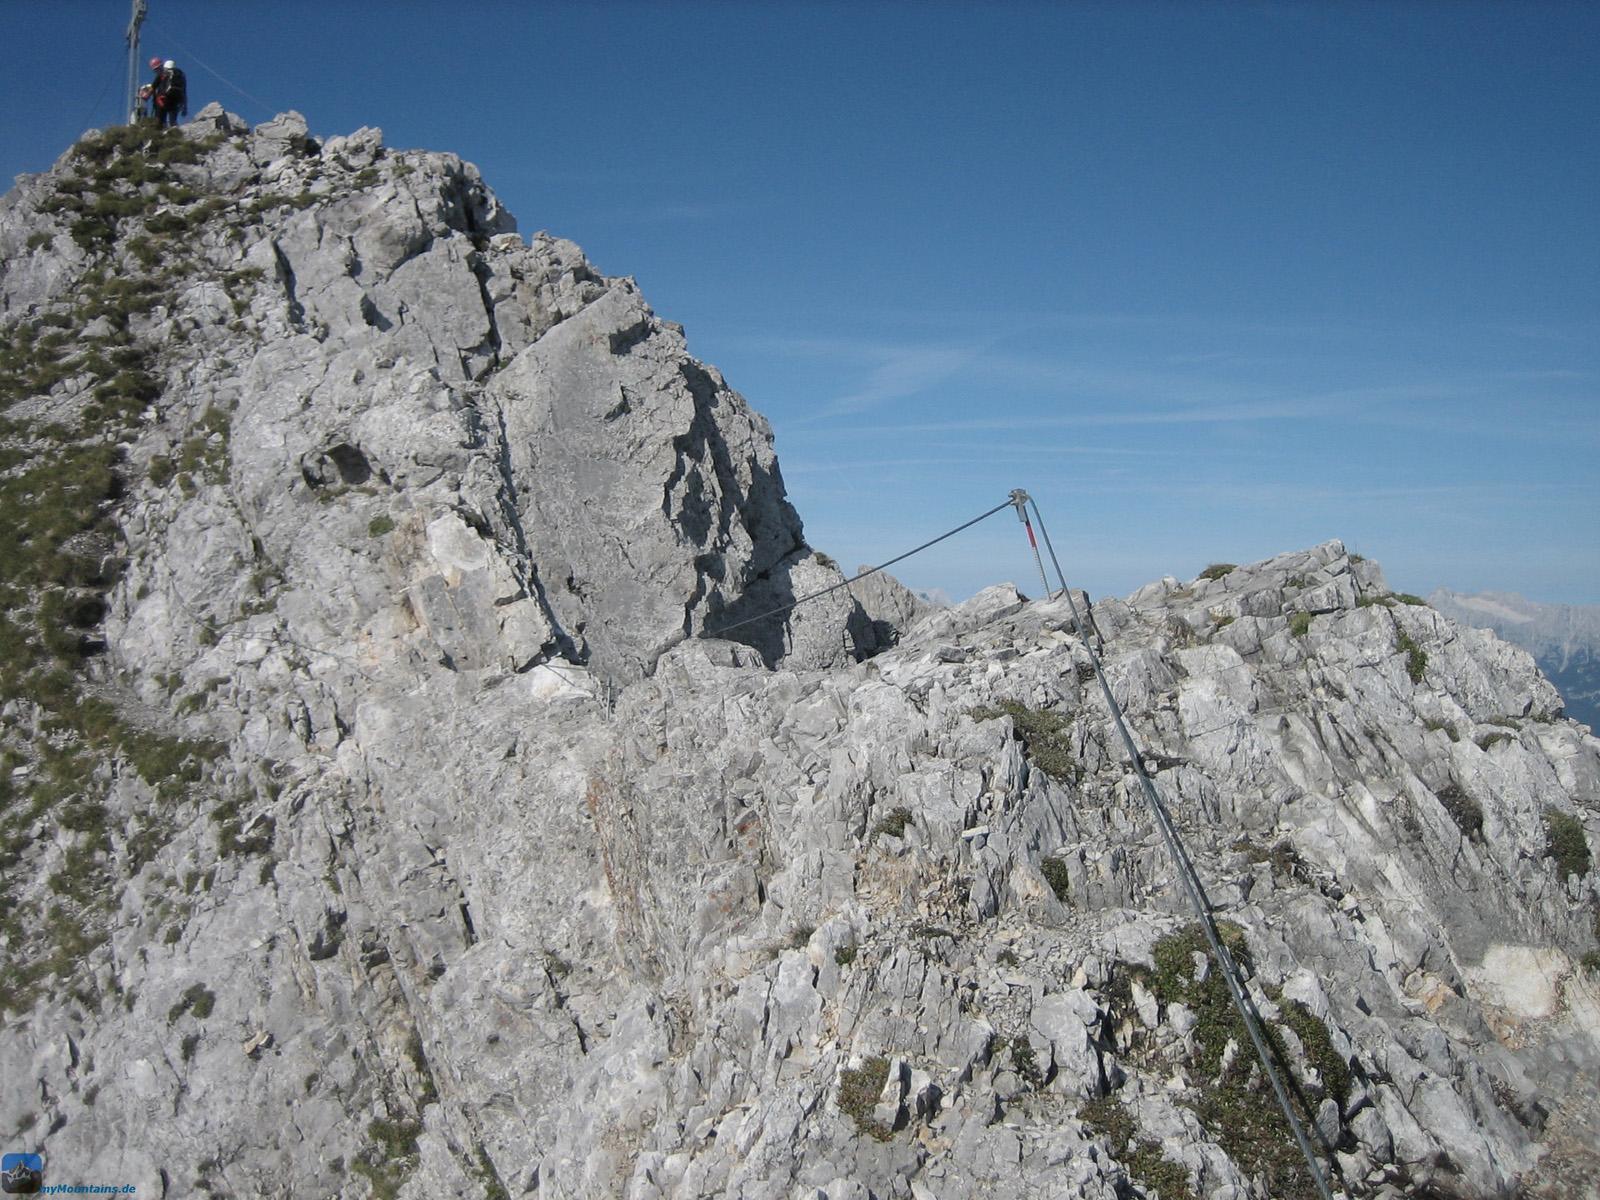 Klettersteig Innsbruck : Innsbrucker klettersteig bergsteiger magazin